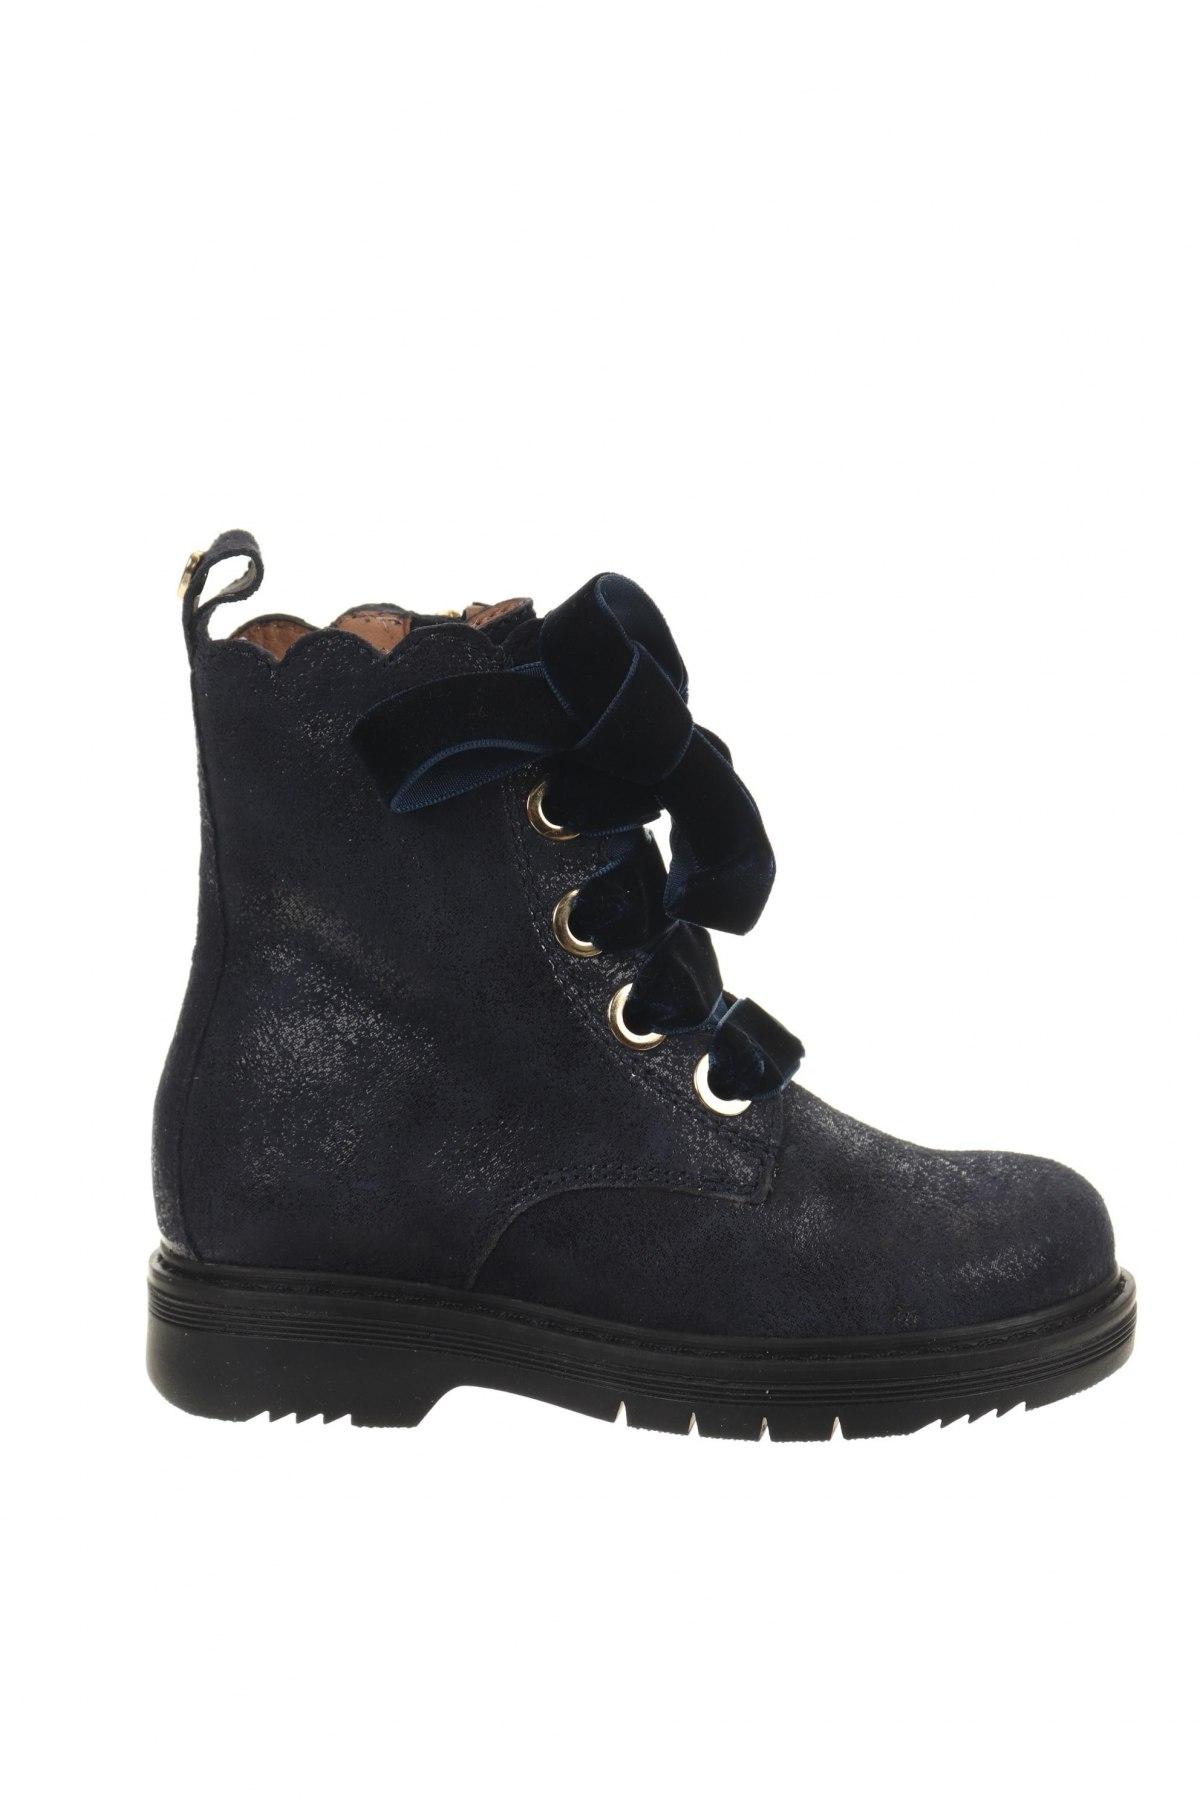 Παιδικά παπούτσια TWINSET, Μέγεθος 24, Χρώμα Μπλέ, Φυσικό σουέτ, Τιμή 32,24€